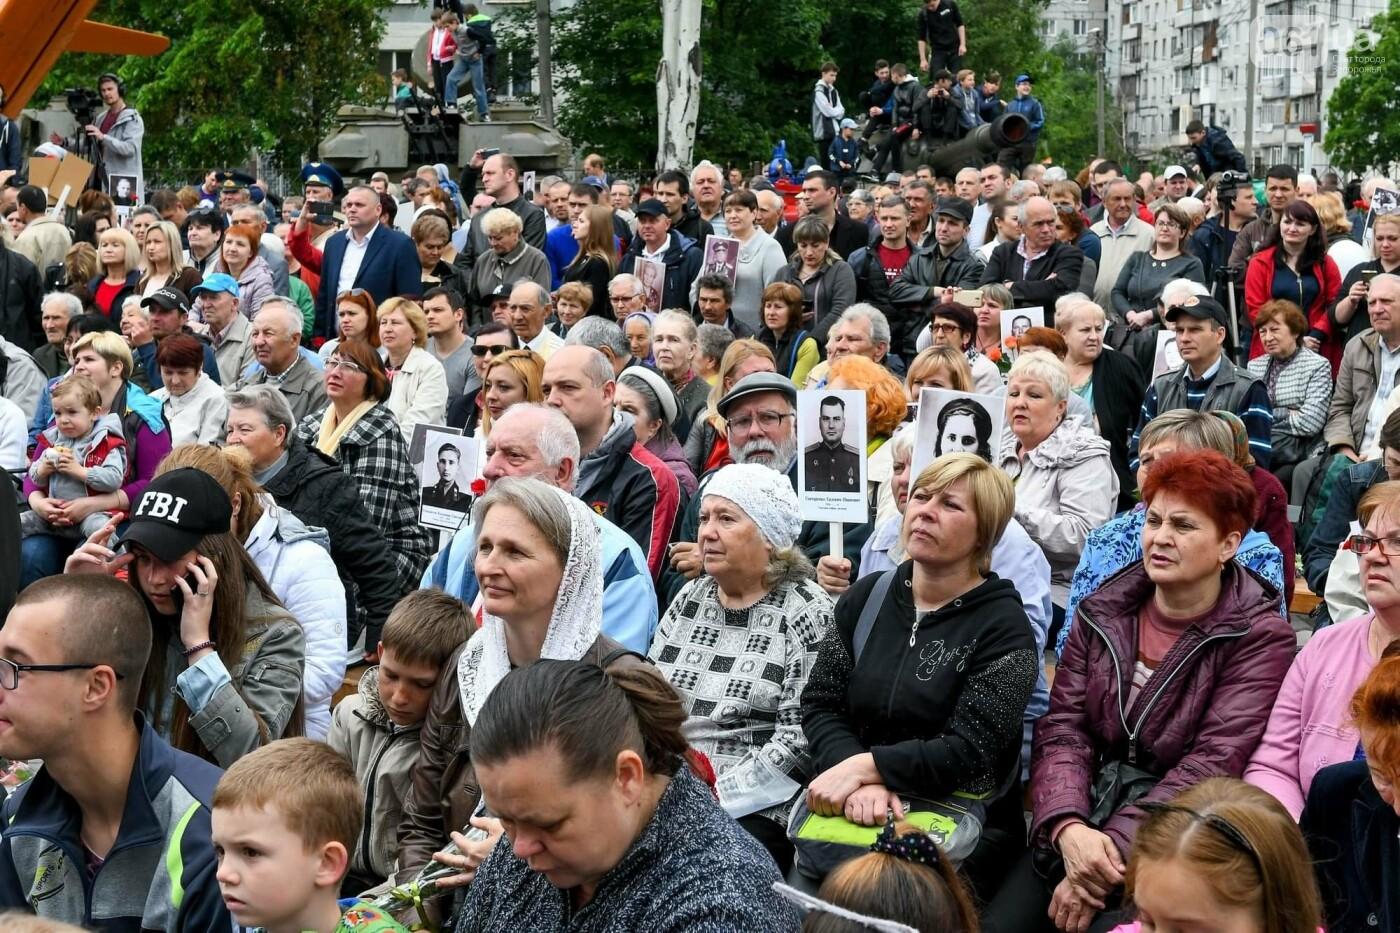 """Богуслаев на """"Победе"""", полевая кухня и концерт: в Запорожье в парке Климова проходят гуляния, - ФОТОРЕПОРТАЖ, фото-12"""